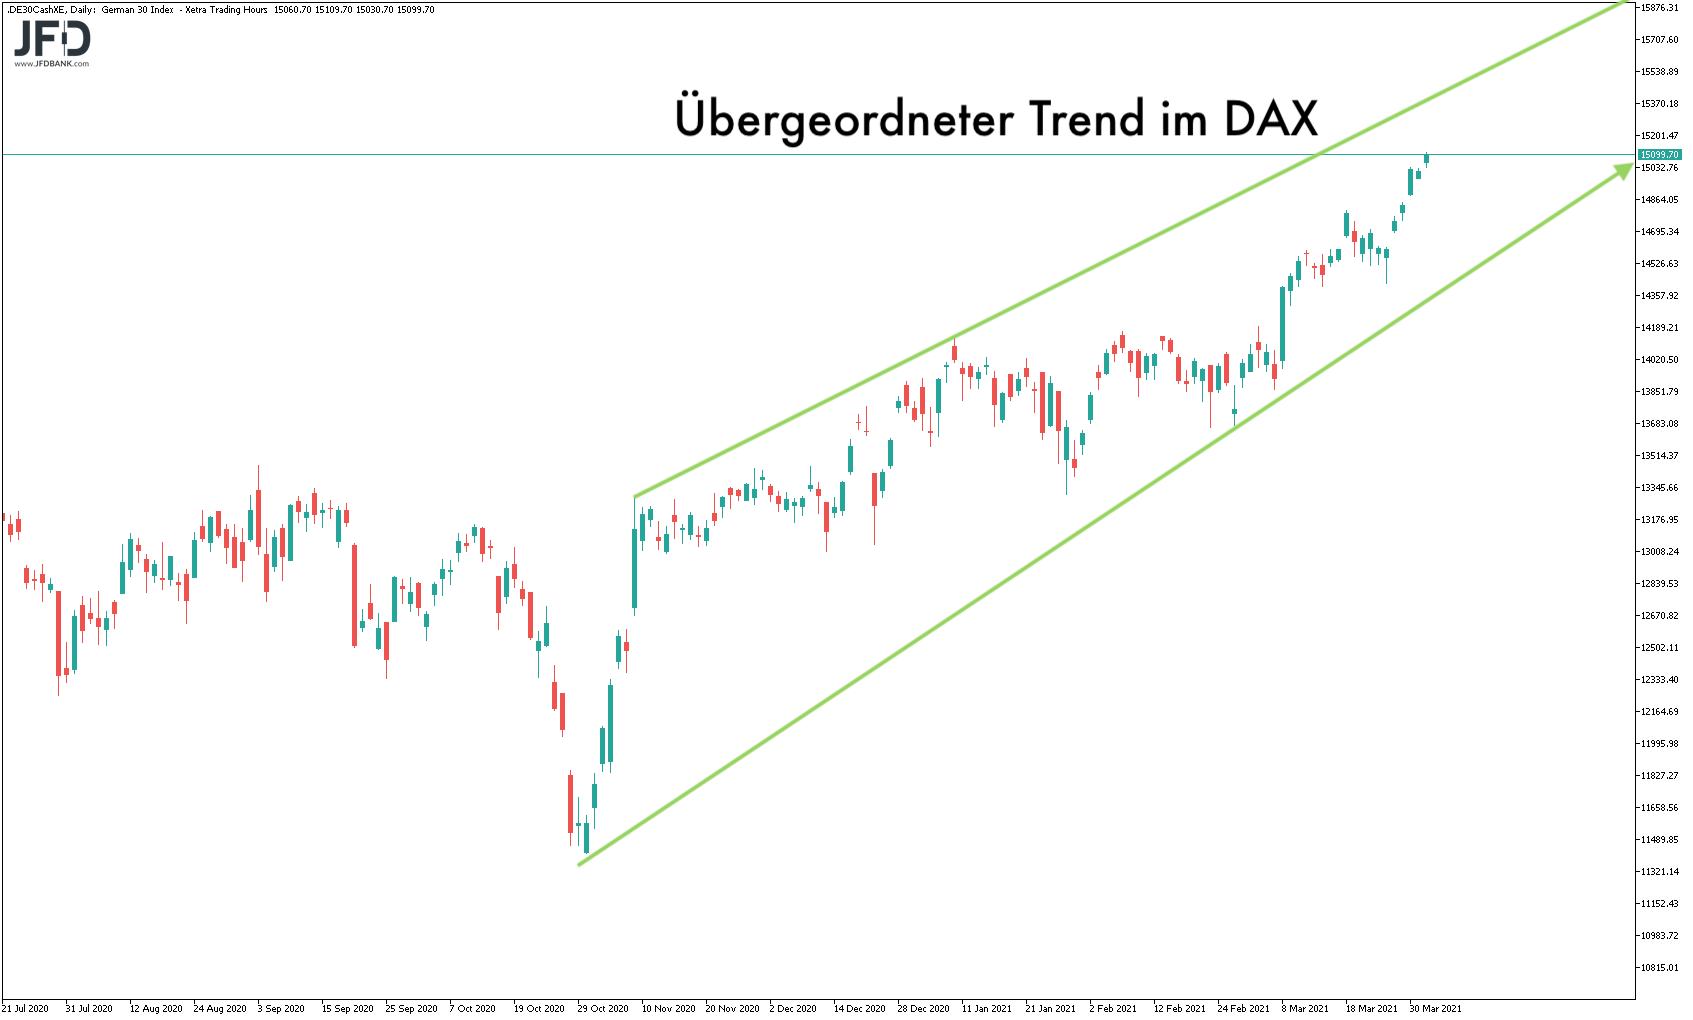 DAX im großen Trend des Tagescharts